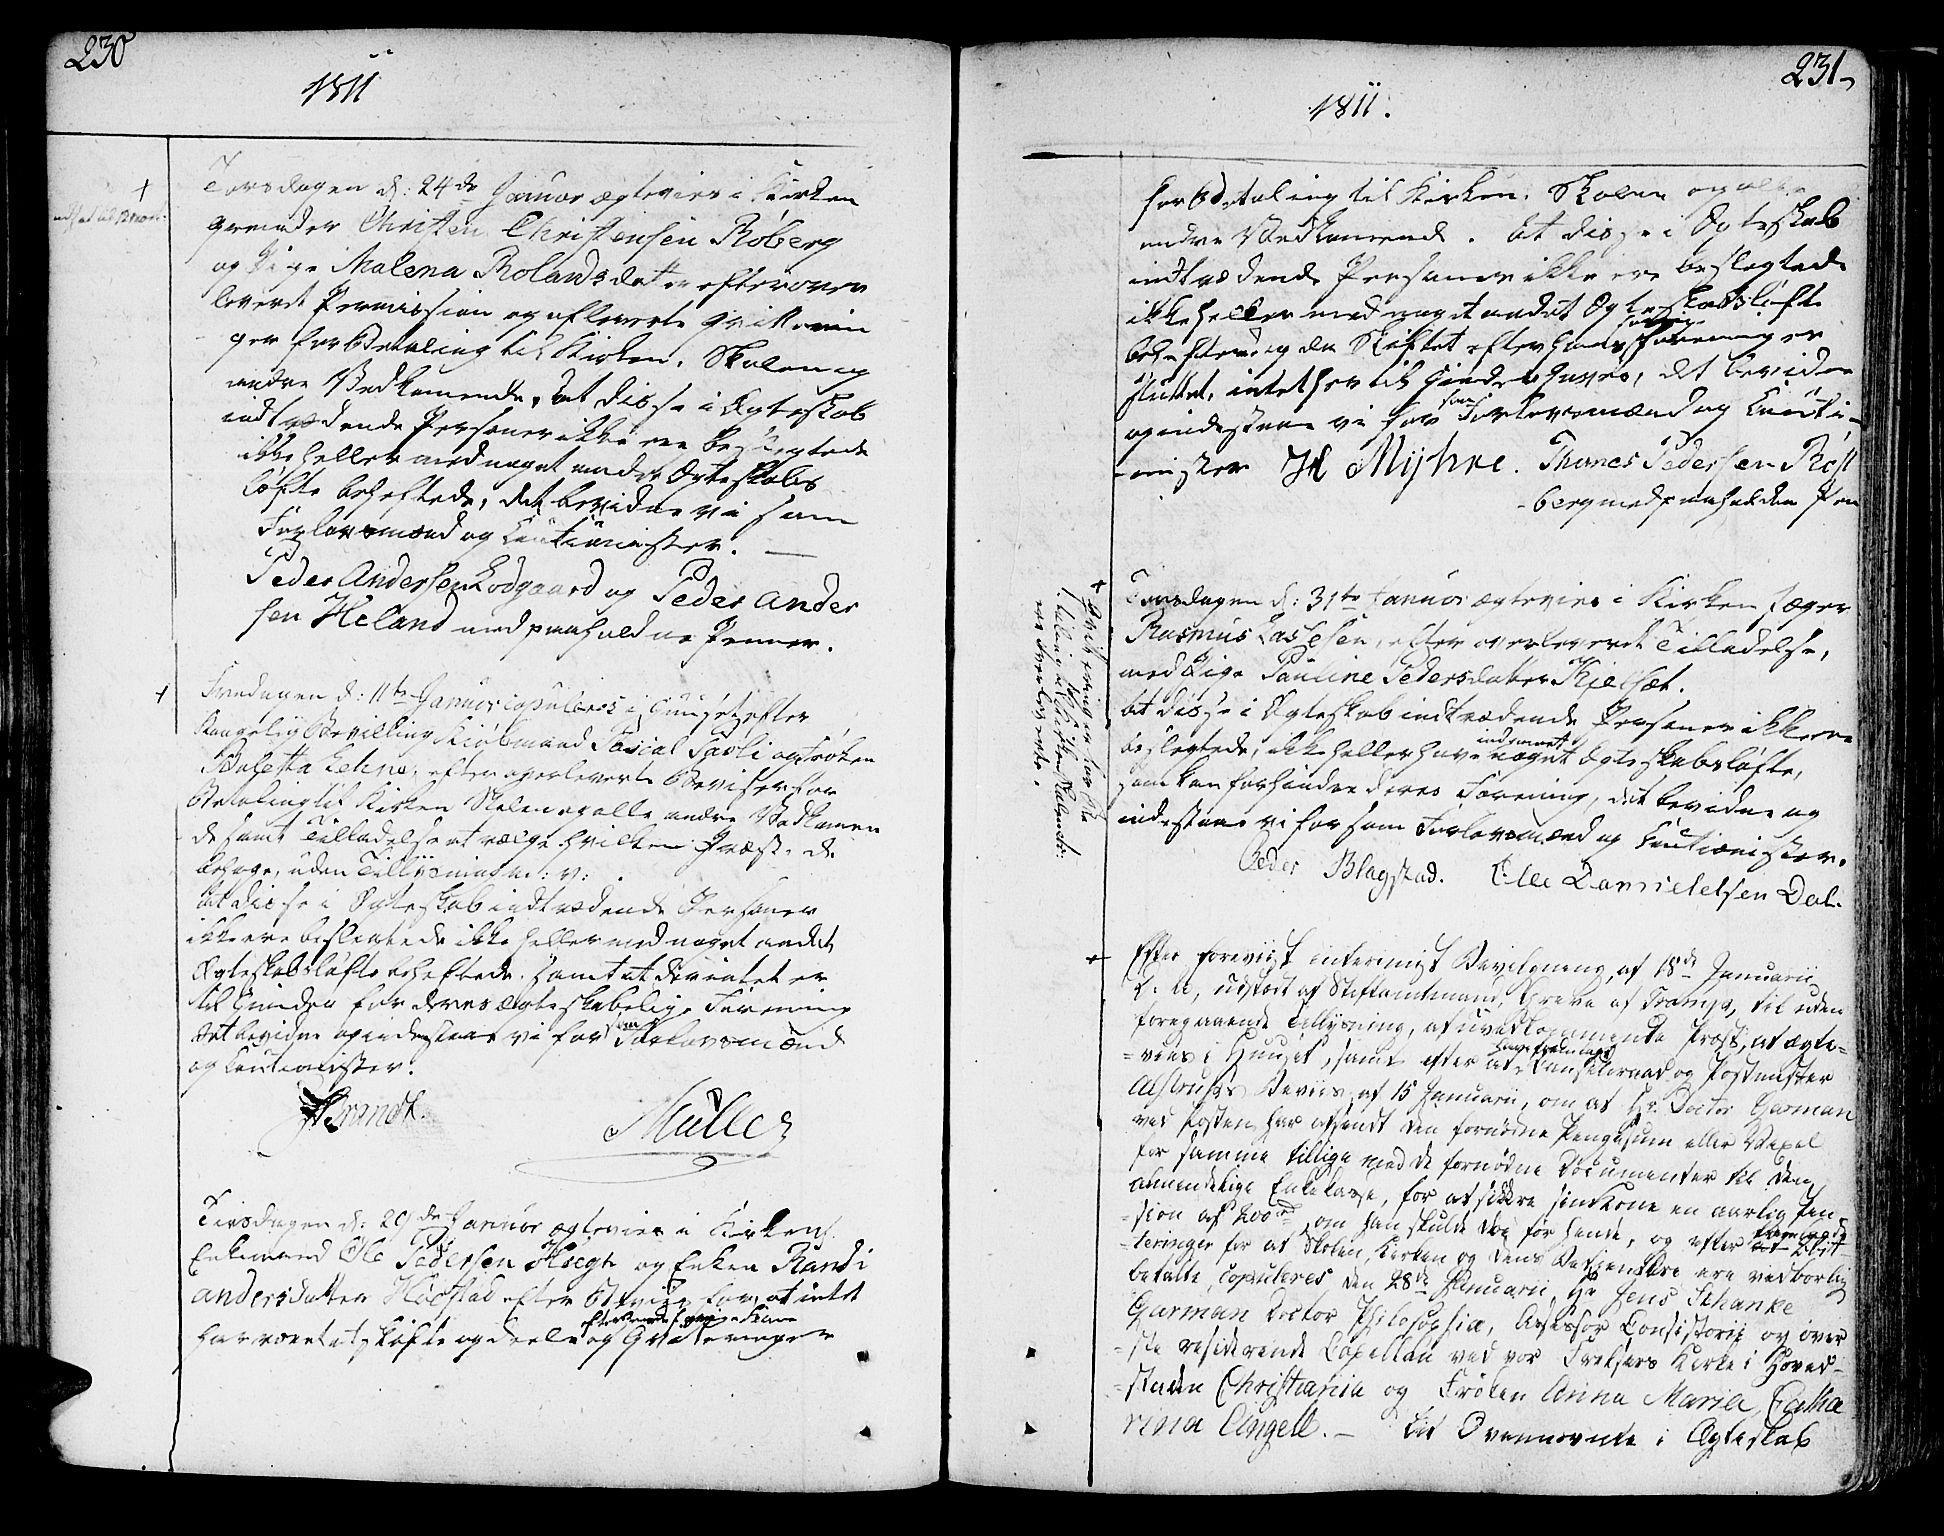 SAT, Ministerialprotokoller, klokkerbøker og fødselsregistre - Sør-Trøndelag, 602/L0105: Ministerialbok nr. 602A03, 1774-1814, s. 230-231